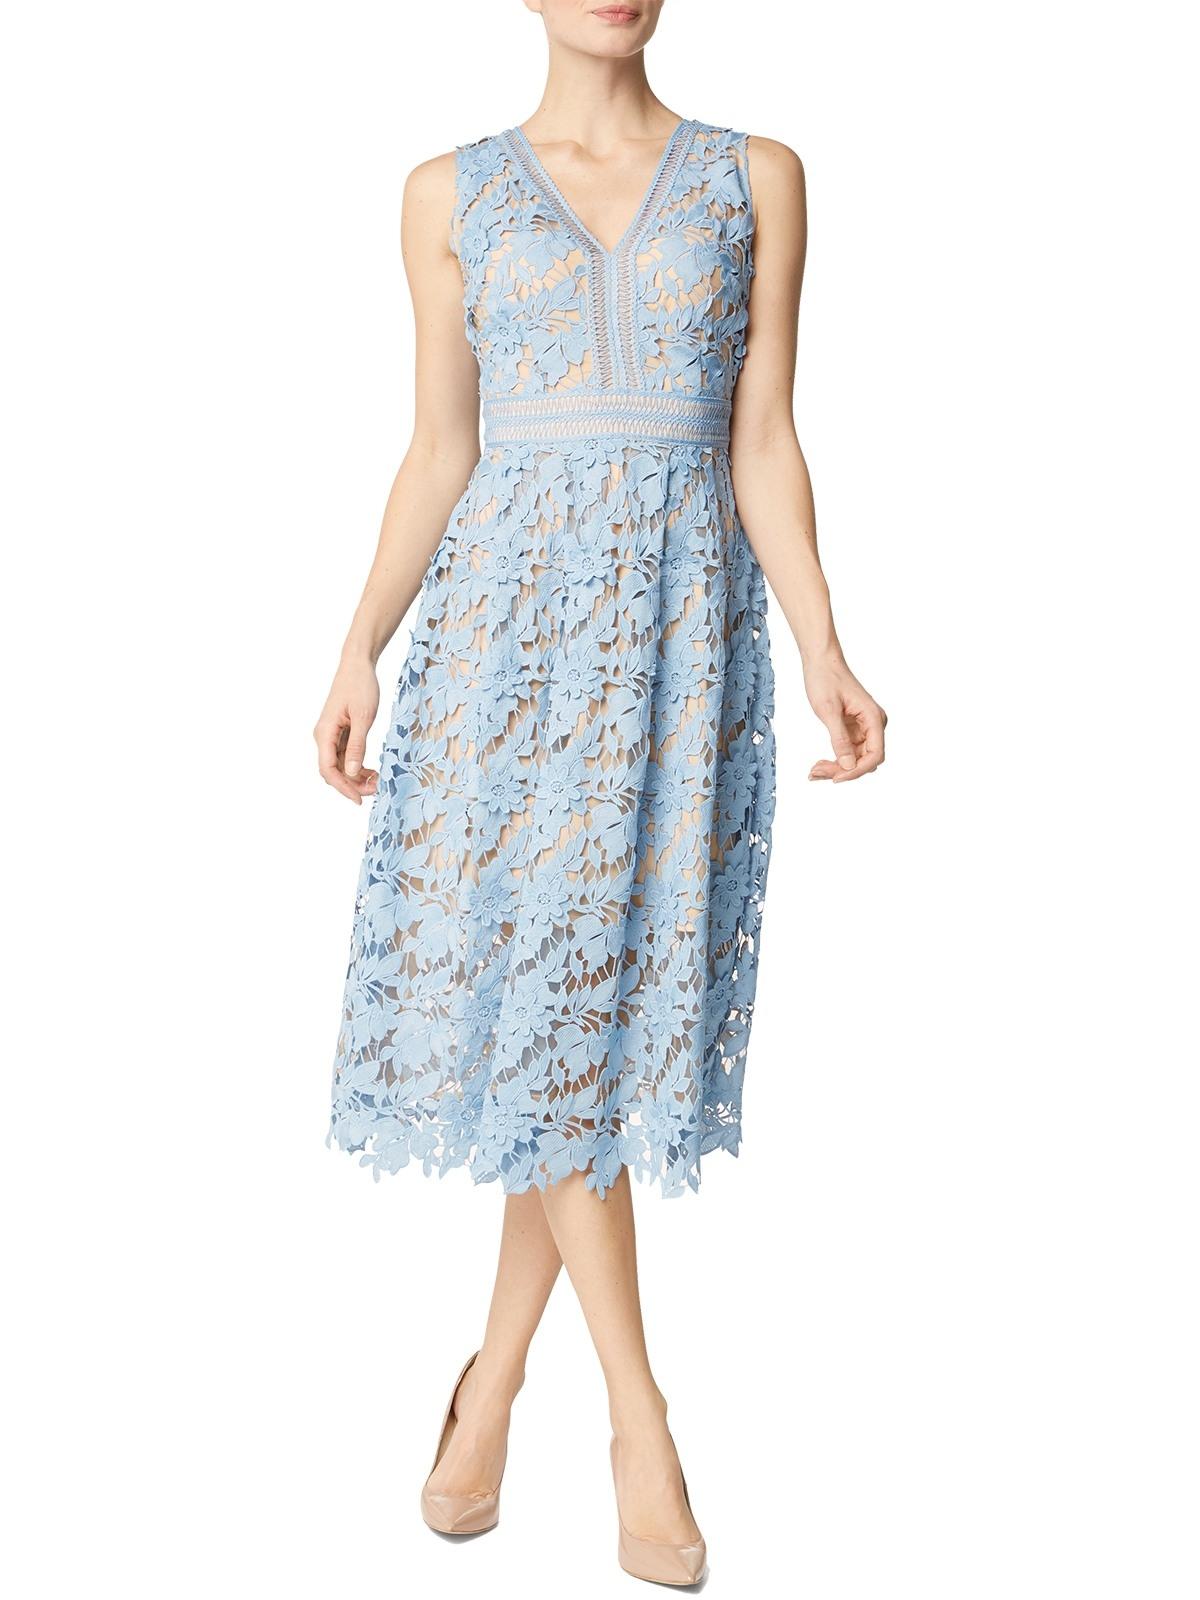 Designer Erstaunlich Kleid Hellblau Spitze SpezialgebietFormal Spektakulär Kleid Hellblau Spitze Spezialgebiet